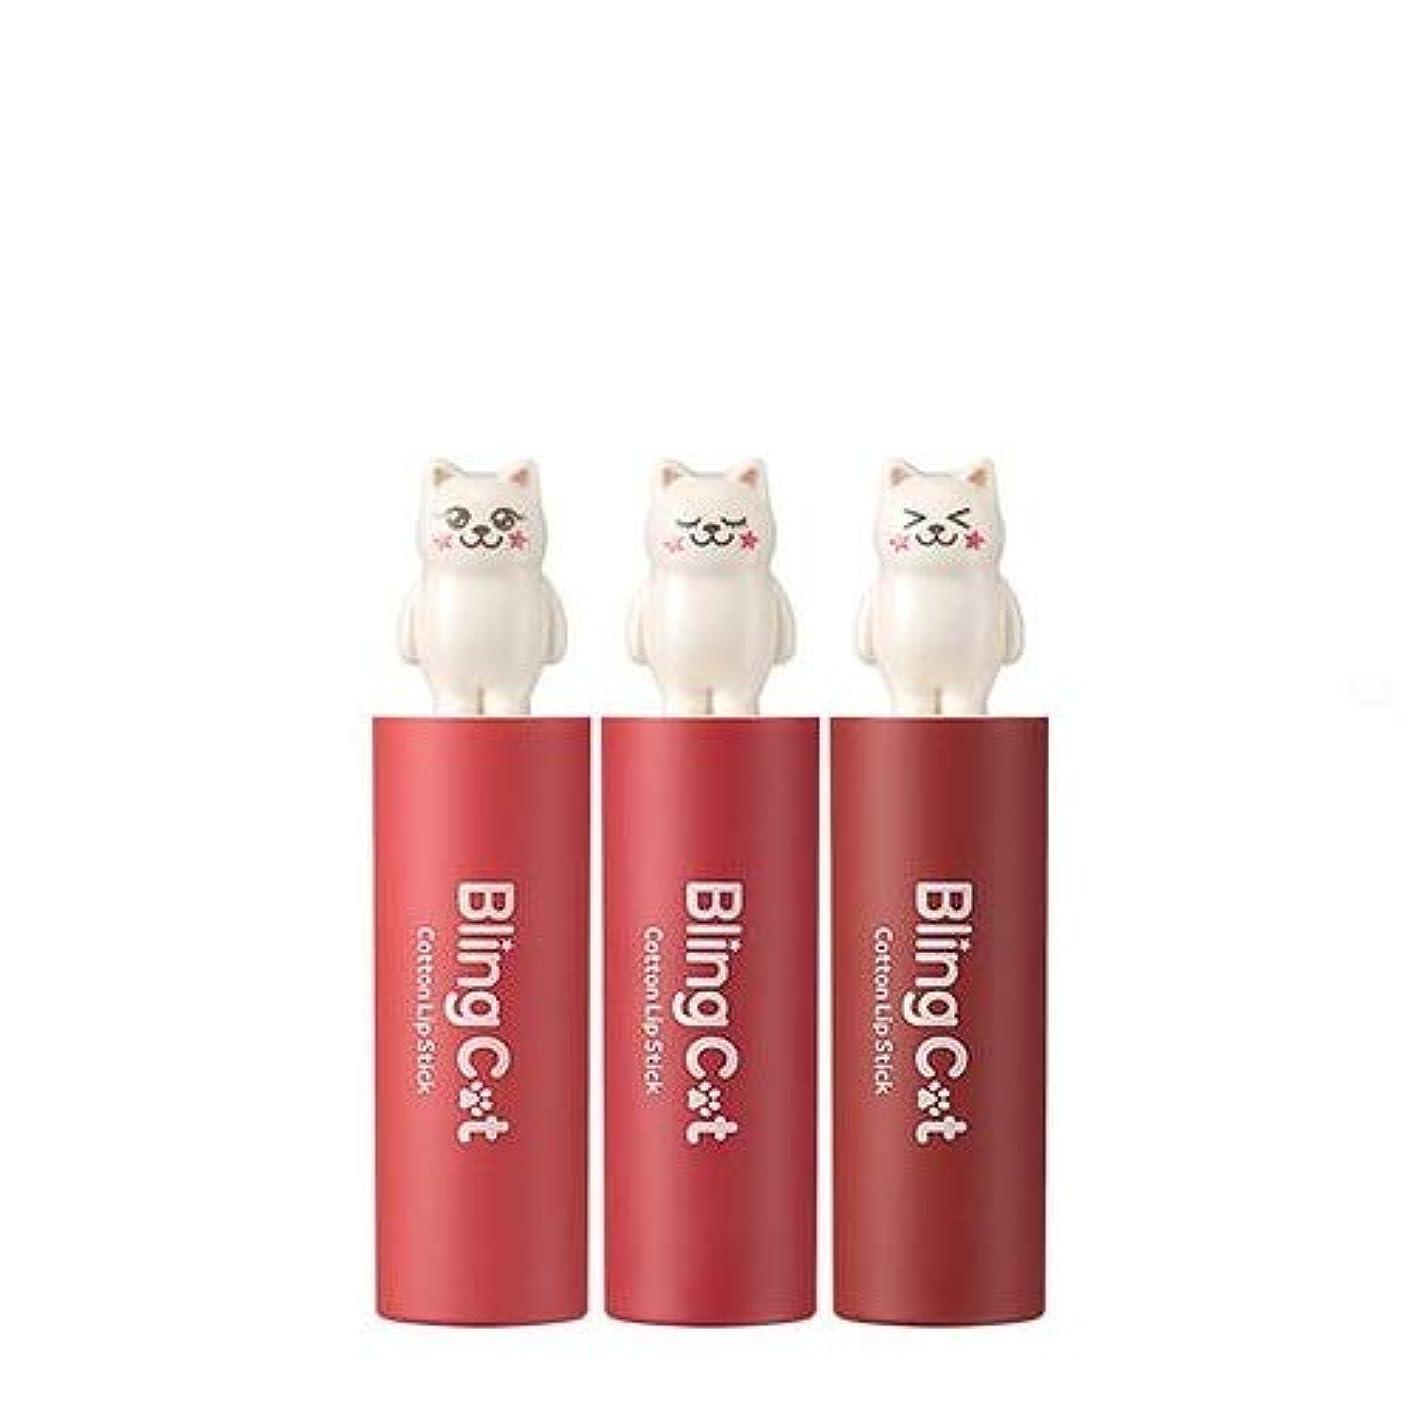 旅面ルーフトニーモリー ブリングキャット コットン リップスティック 3.4g / TONYMOLY Bling Cat Cotton Lipstick # 10. Black Tea Plum [並行輸入品]